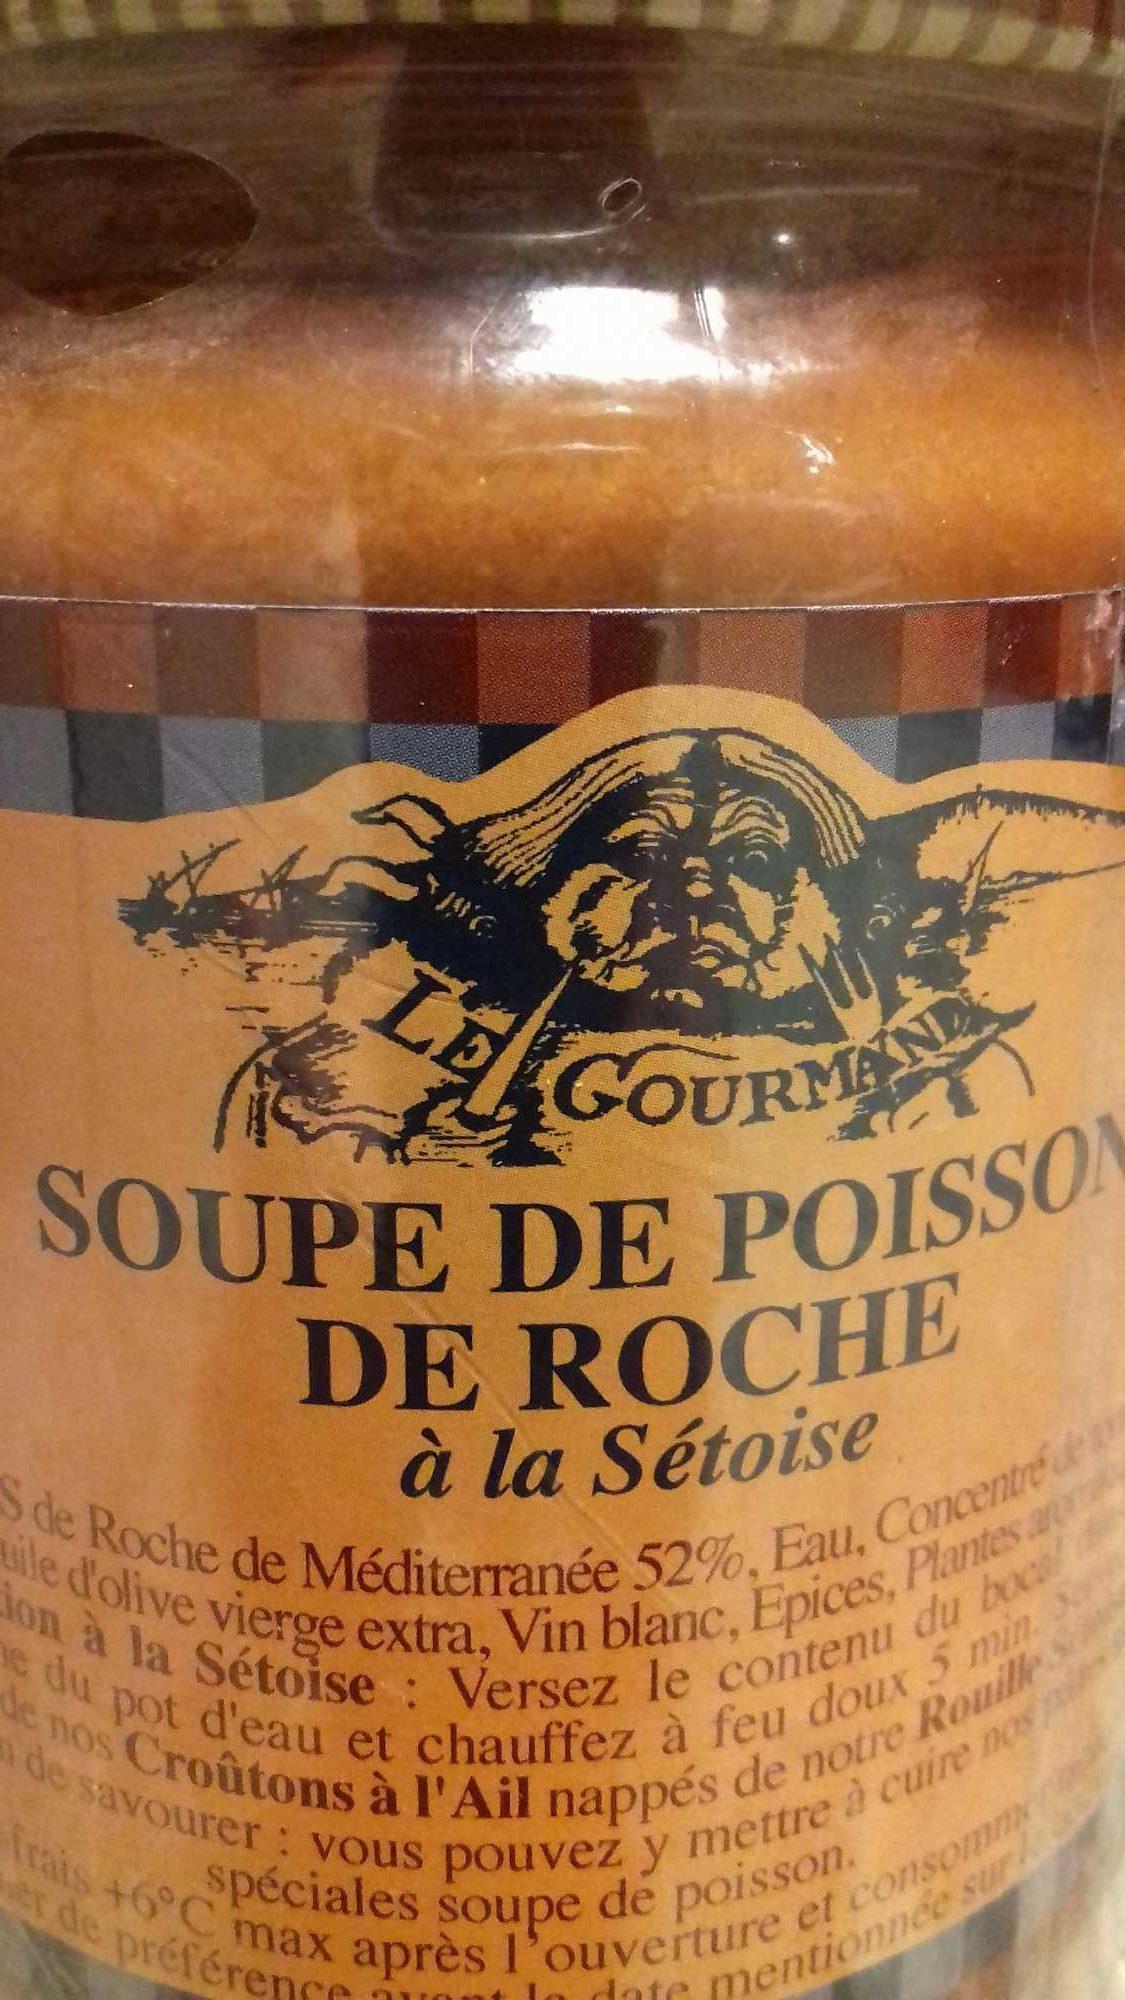 Soupe de poisson de roche à la sétoise - Product